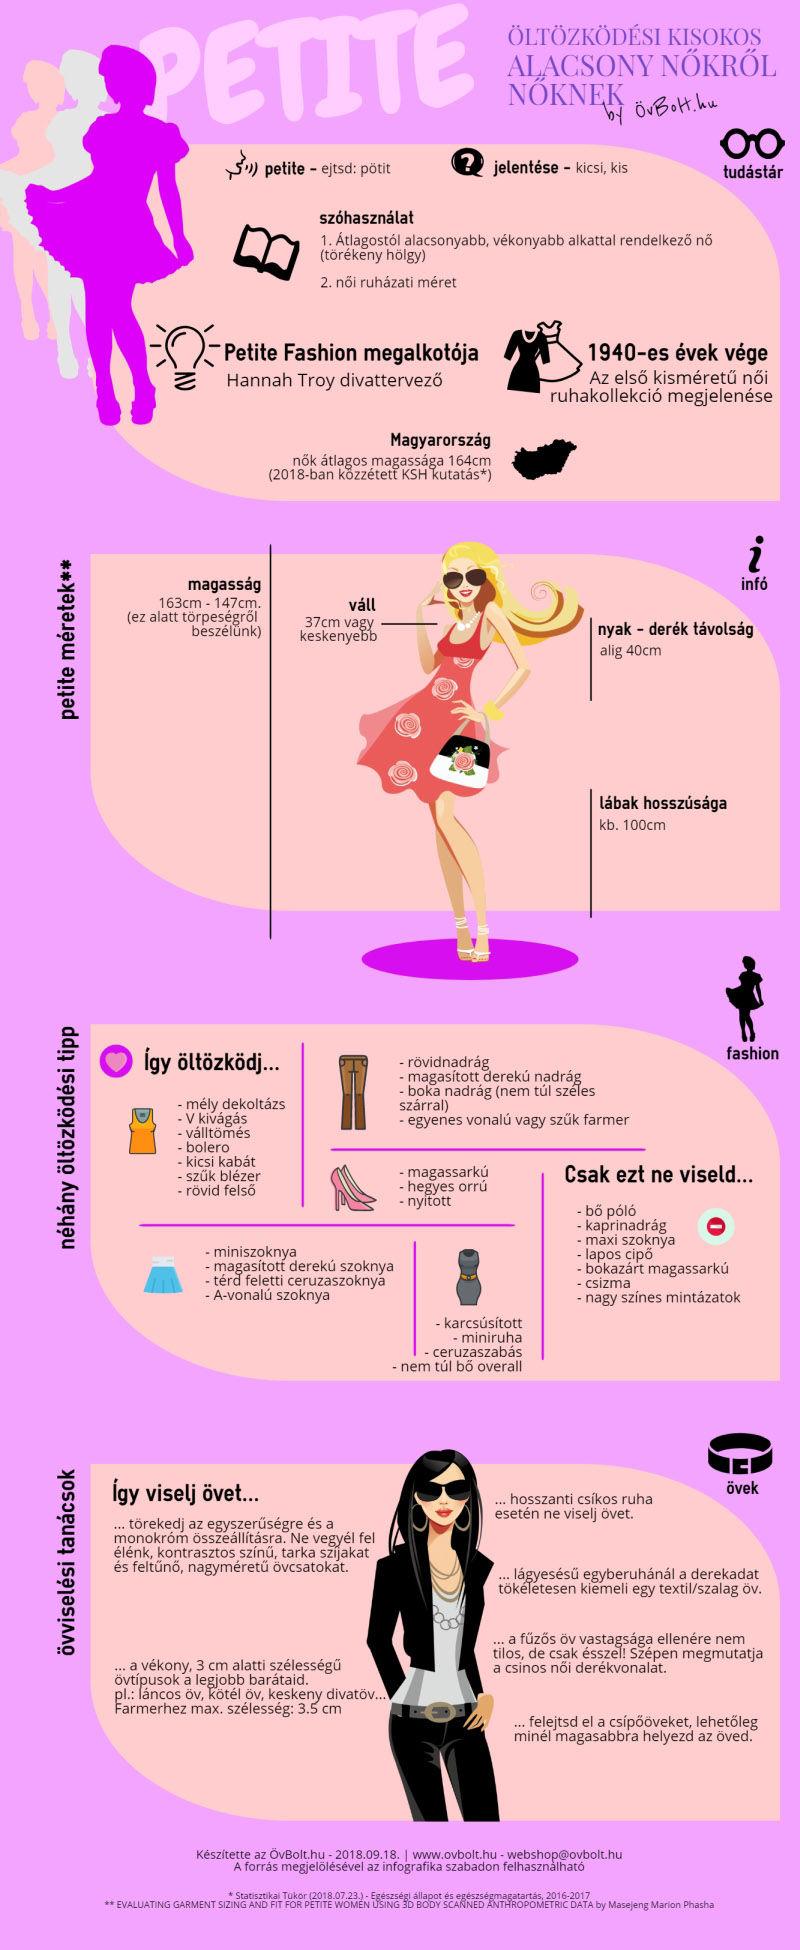 Petite - Filigrán alacsony hölgyeknek öltözködési tippek